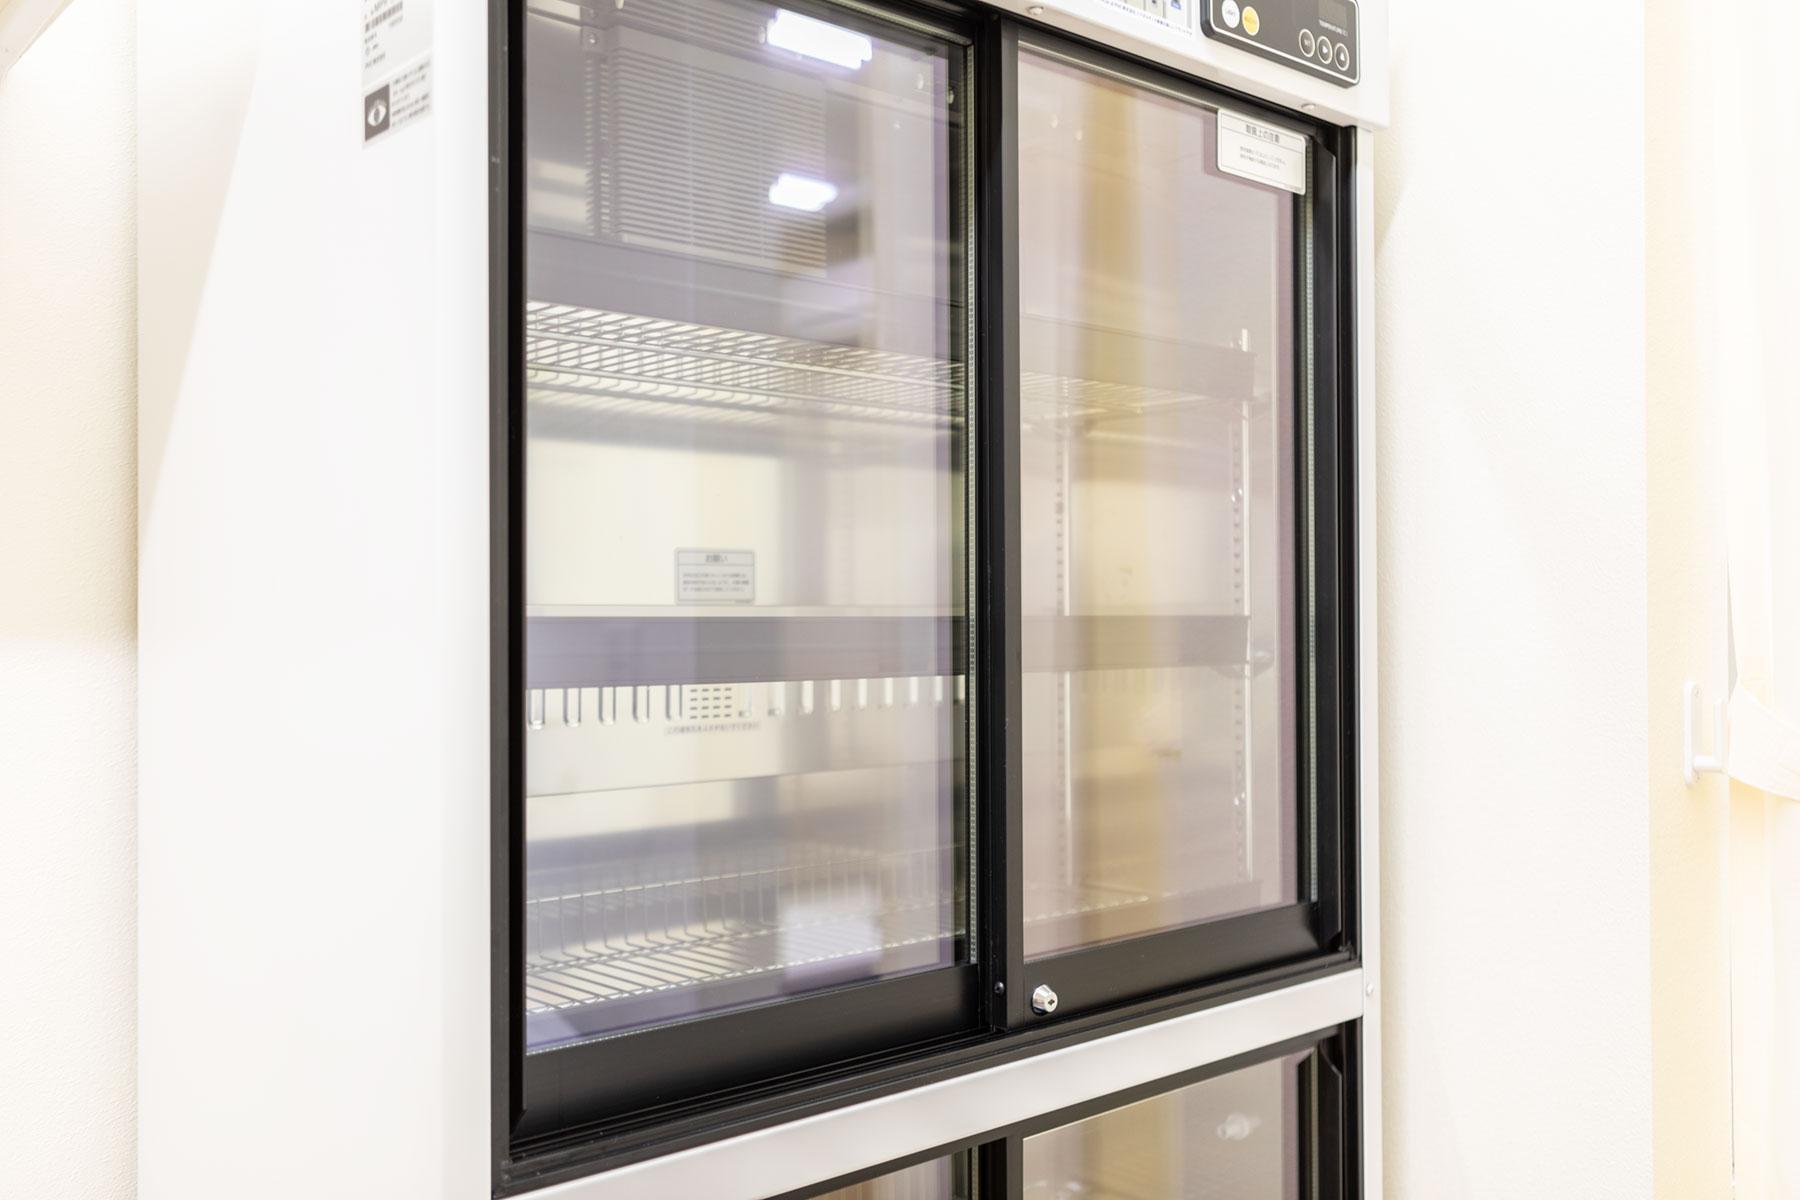 薬品保管用冷蔵庫